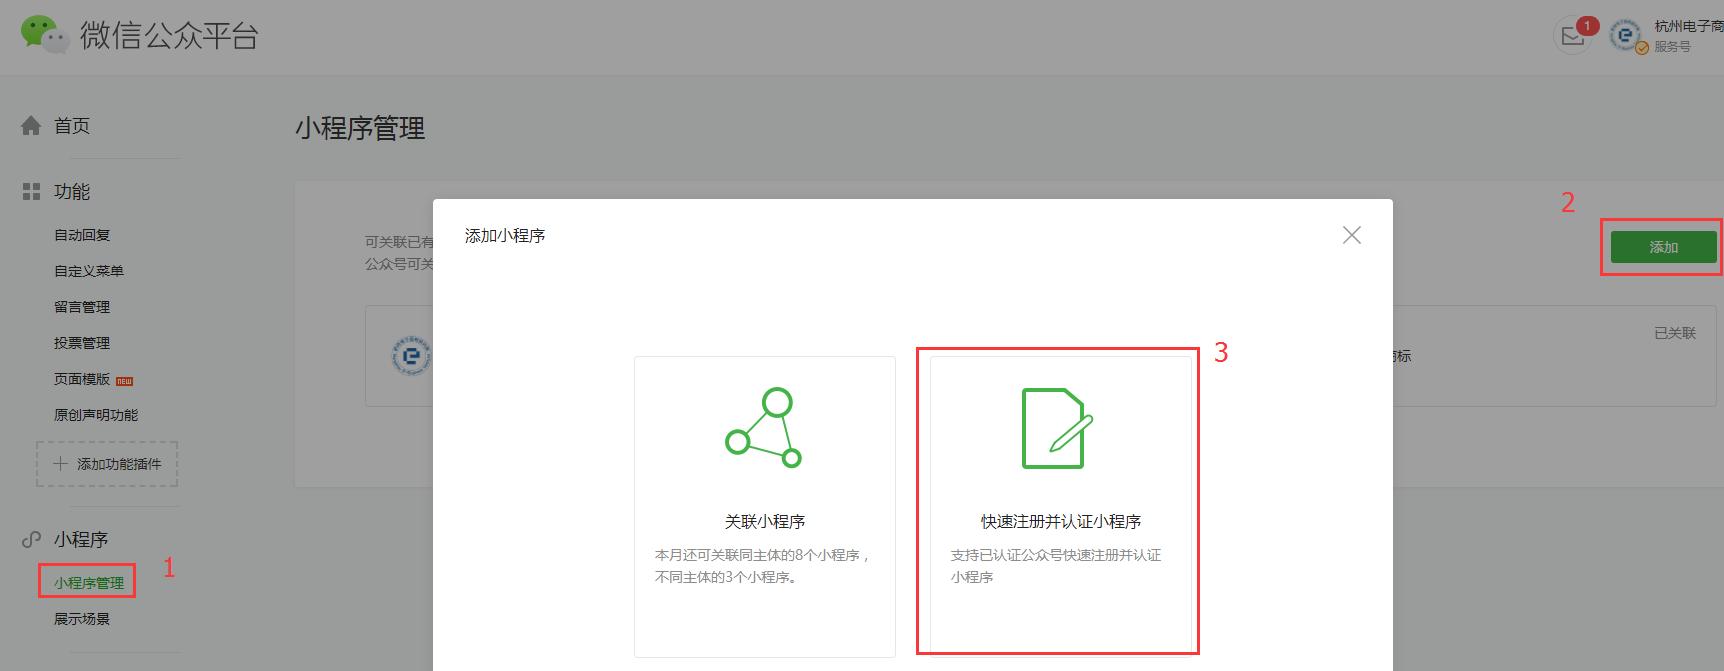 申请小程序1.png